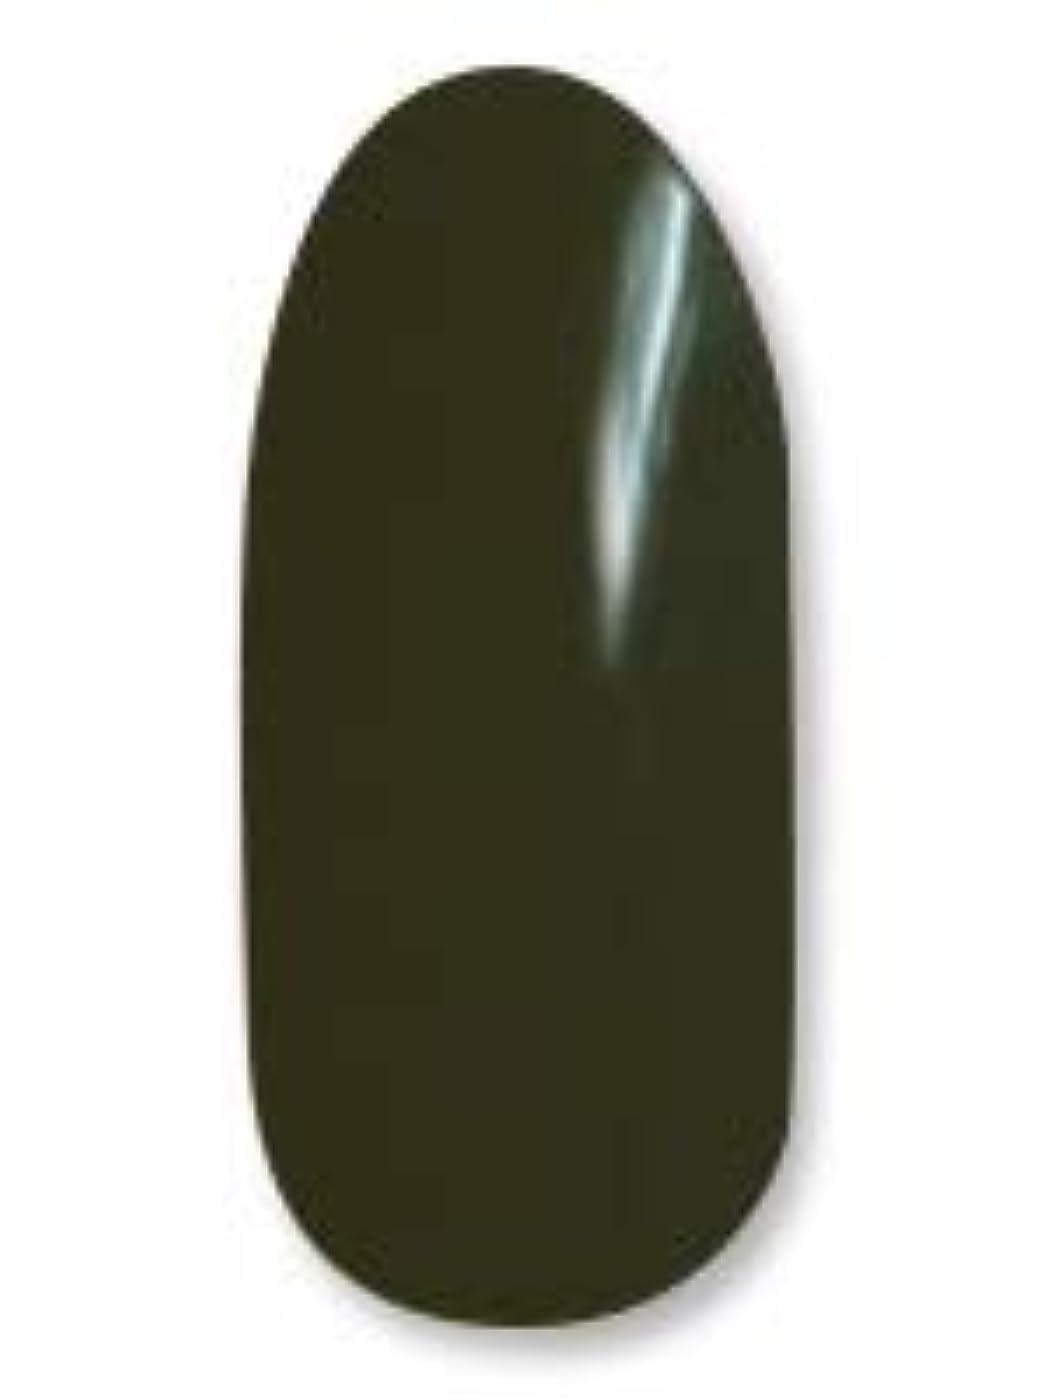 守銭奴お別れピボットT-GEL COLLECTION カラージェル D104 ディープカーキ 4ml